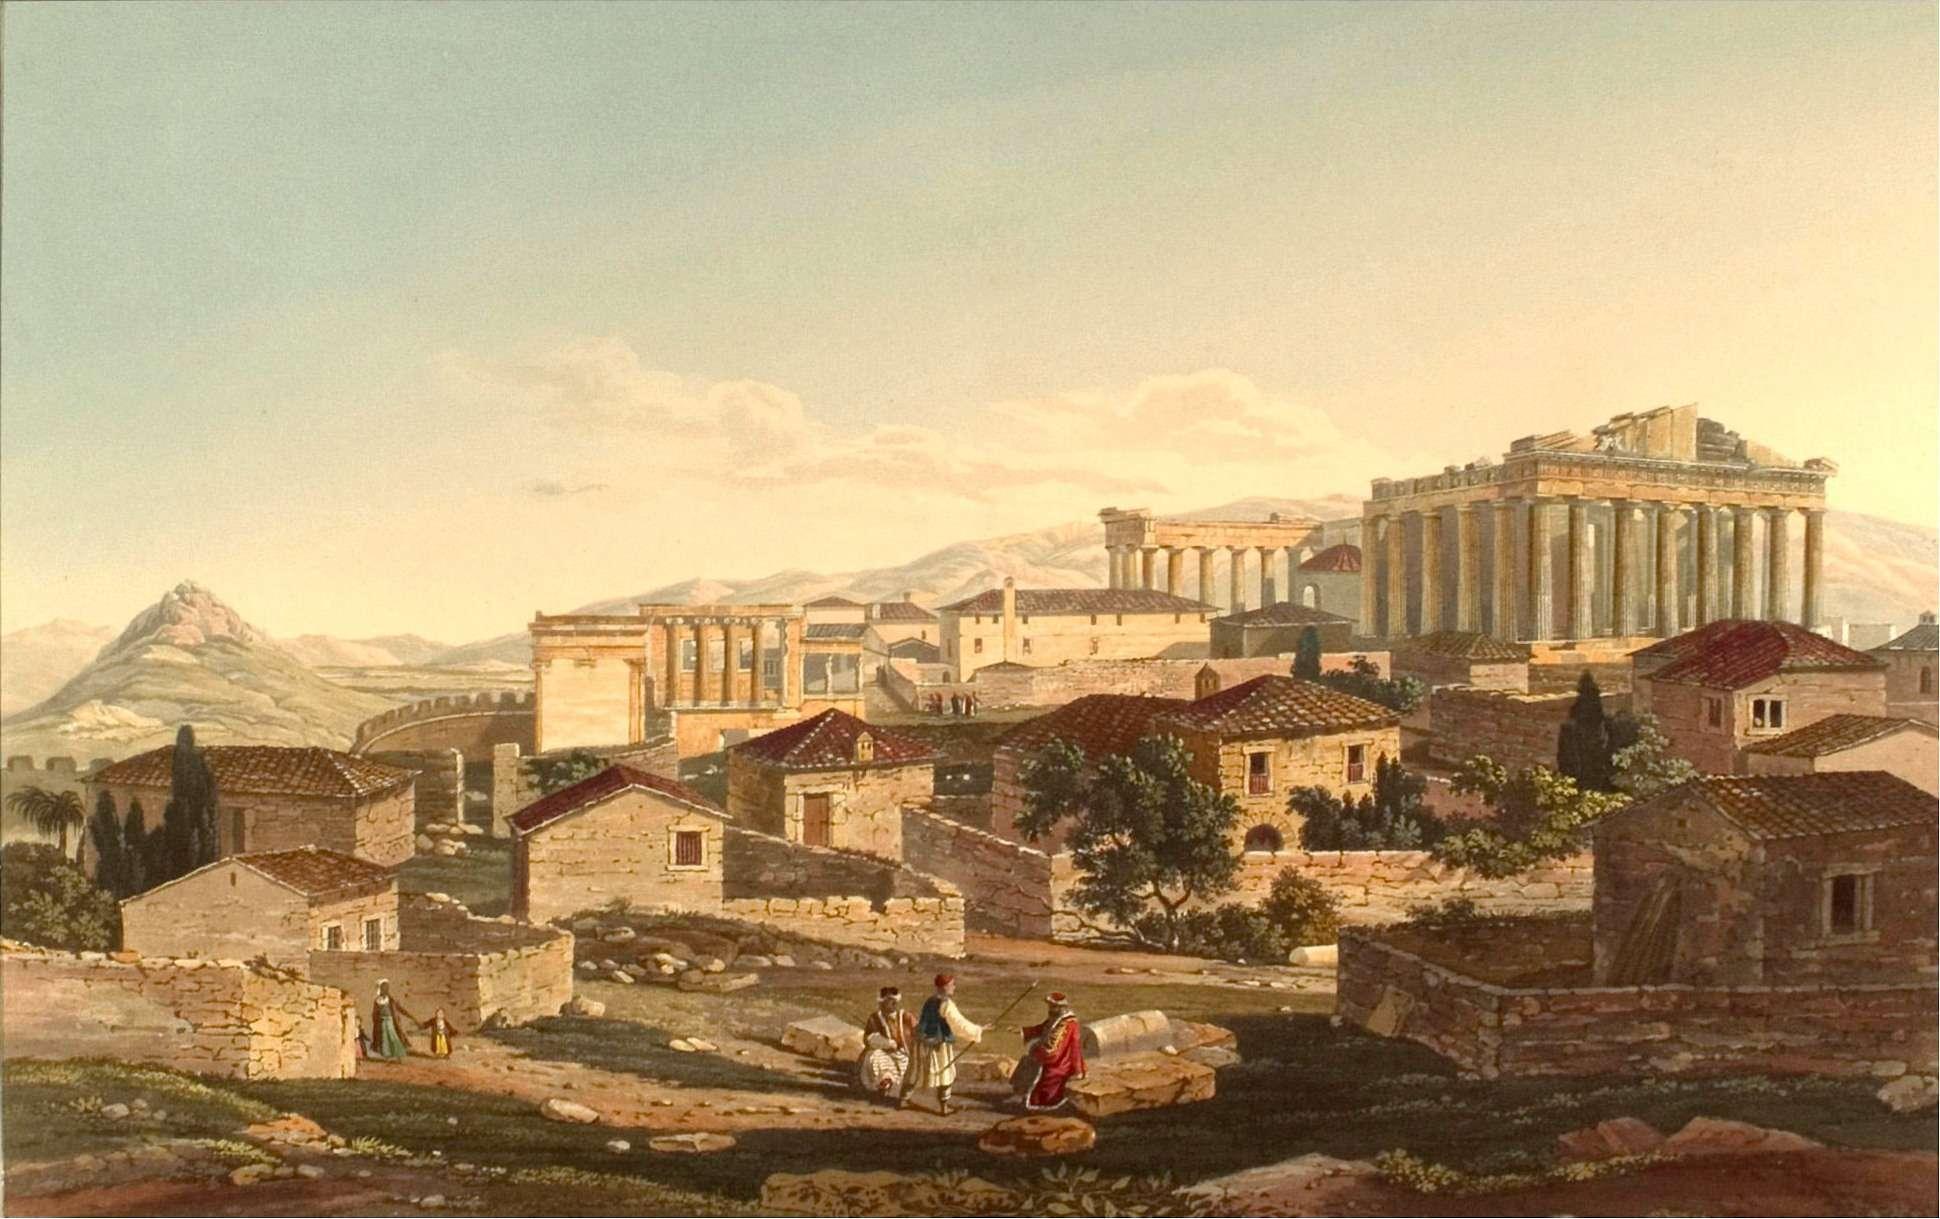 Οι Προτεστάντες μισιονάριοι στην Ελλάδα